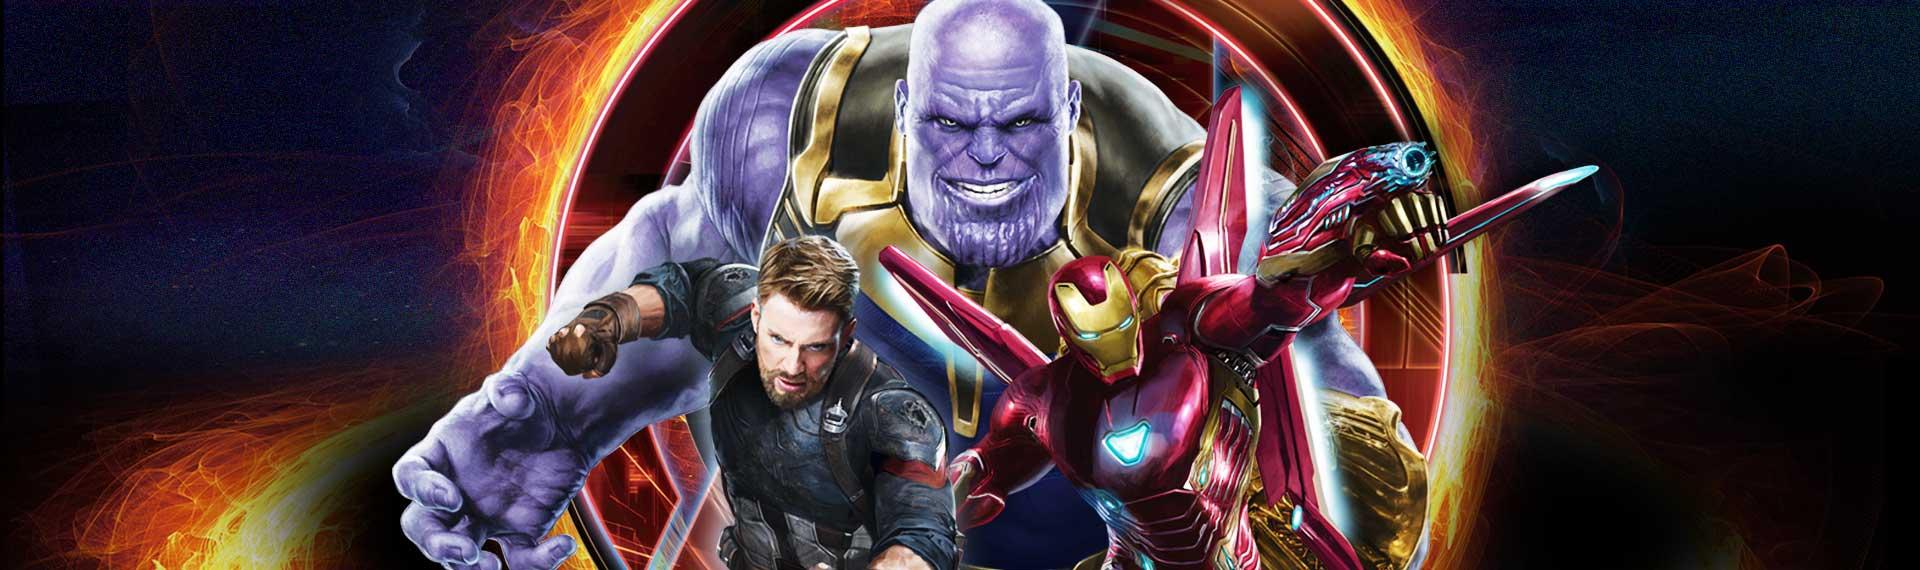 6 Senjata di Avengers: Infinity War yang Harus Diketahui!